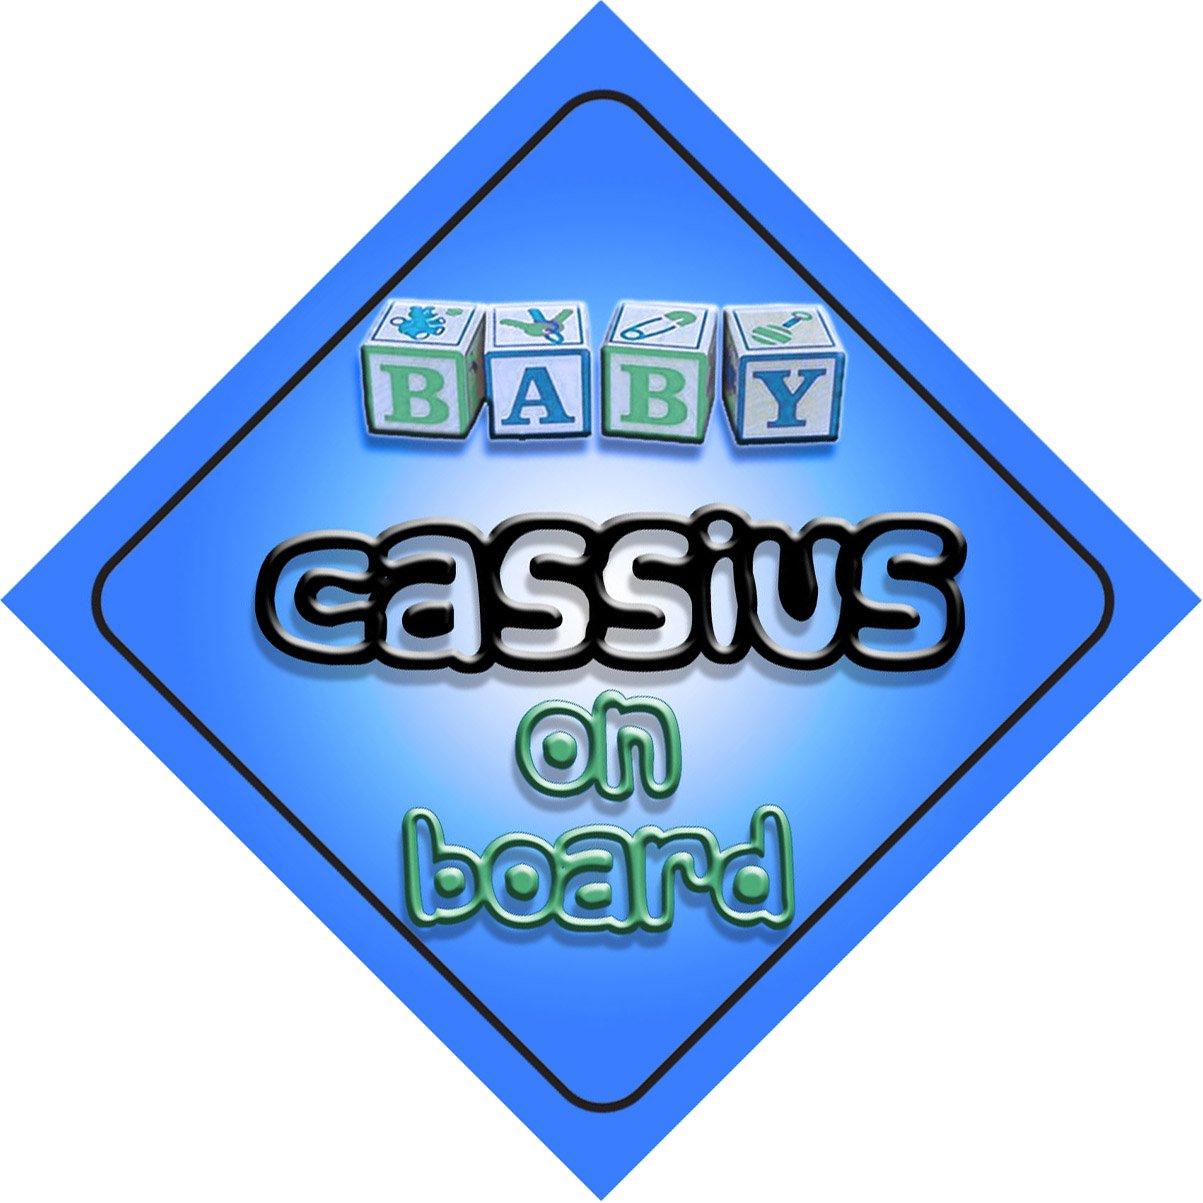 Baby Boy Cassius sur la board Design Voiture Panneau cadeau/Cadeau pour nouveau/Nouveau-Né Bébé Enfant mybabyonboard.co.uk